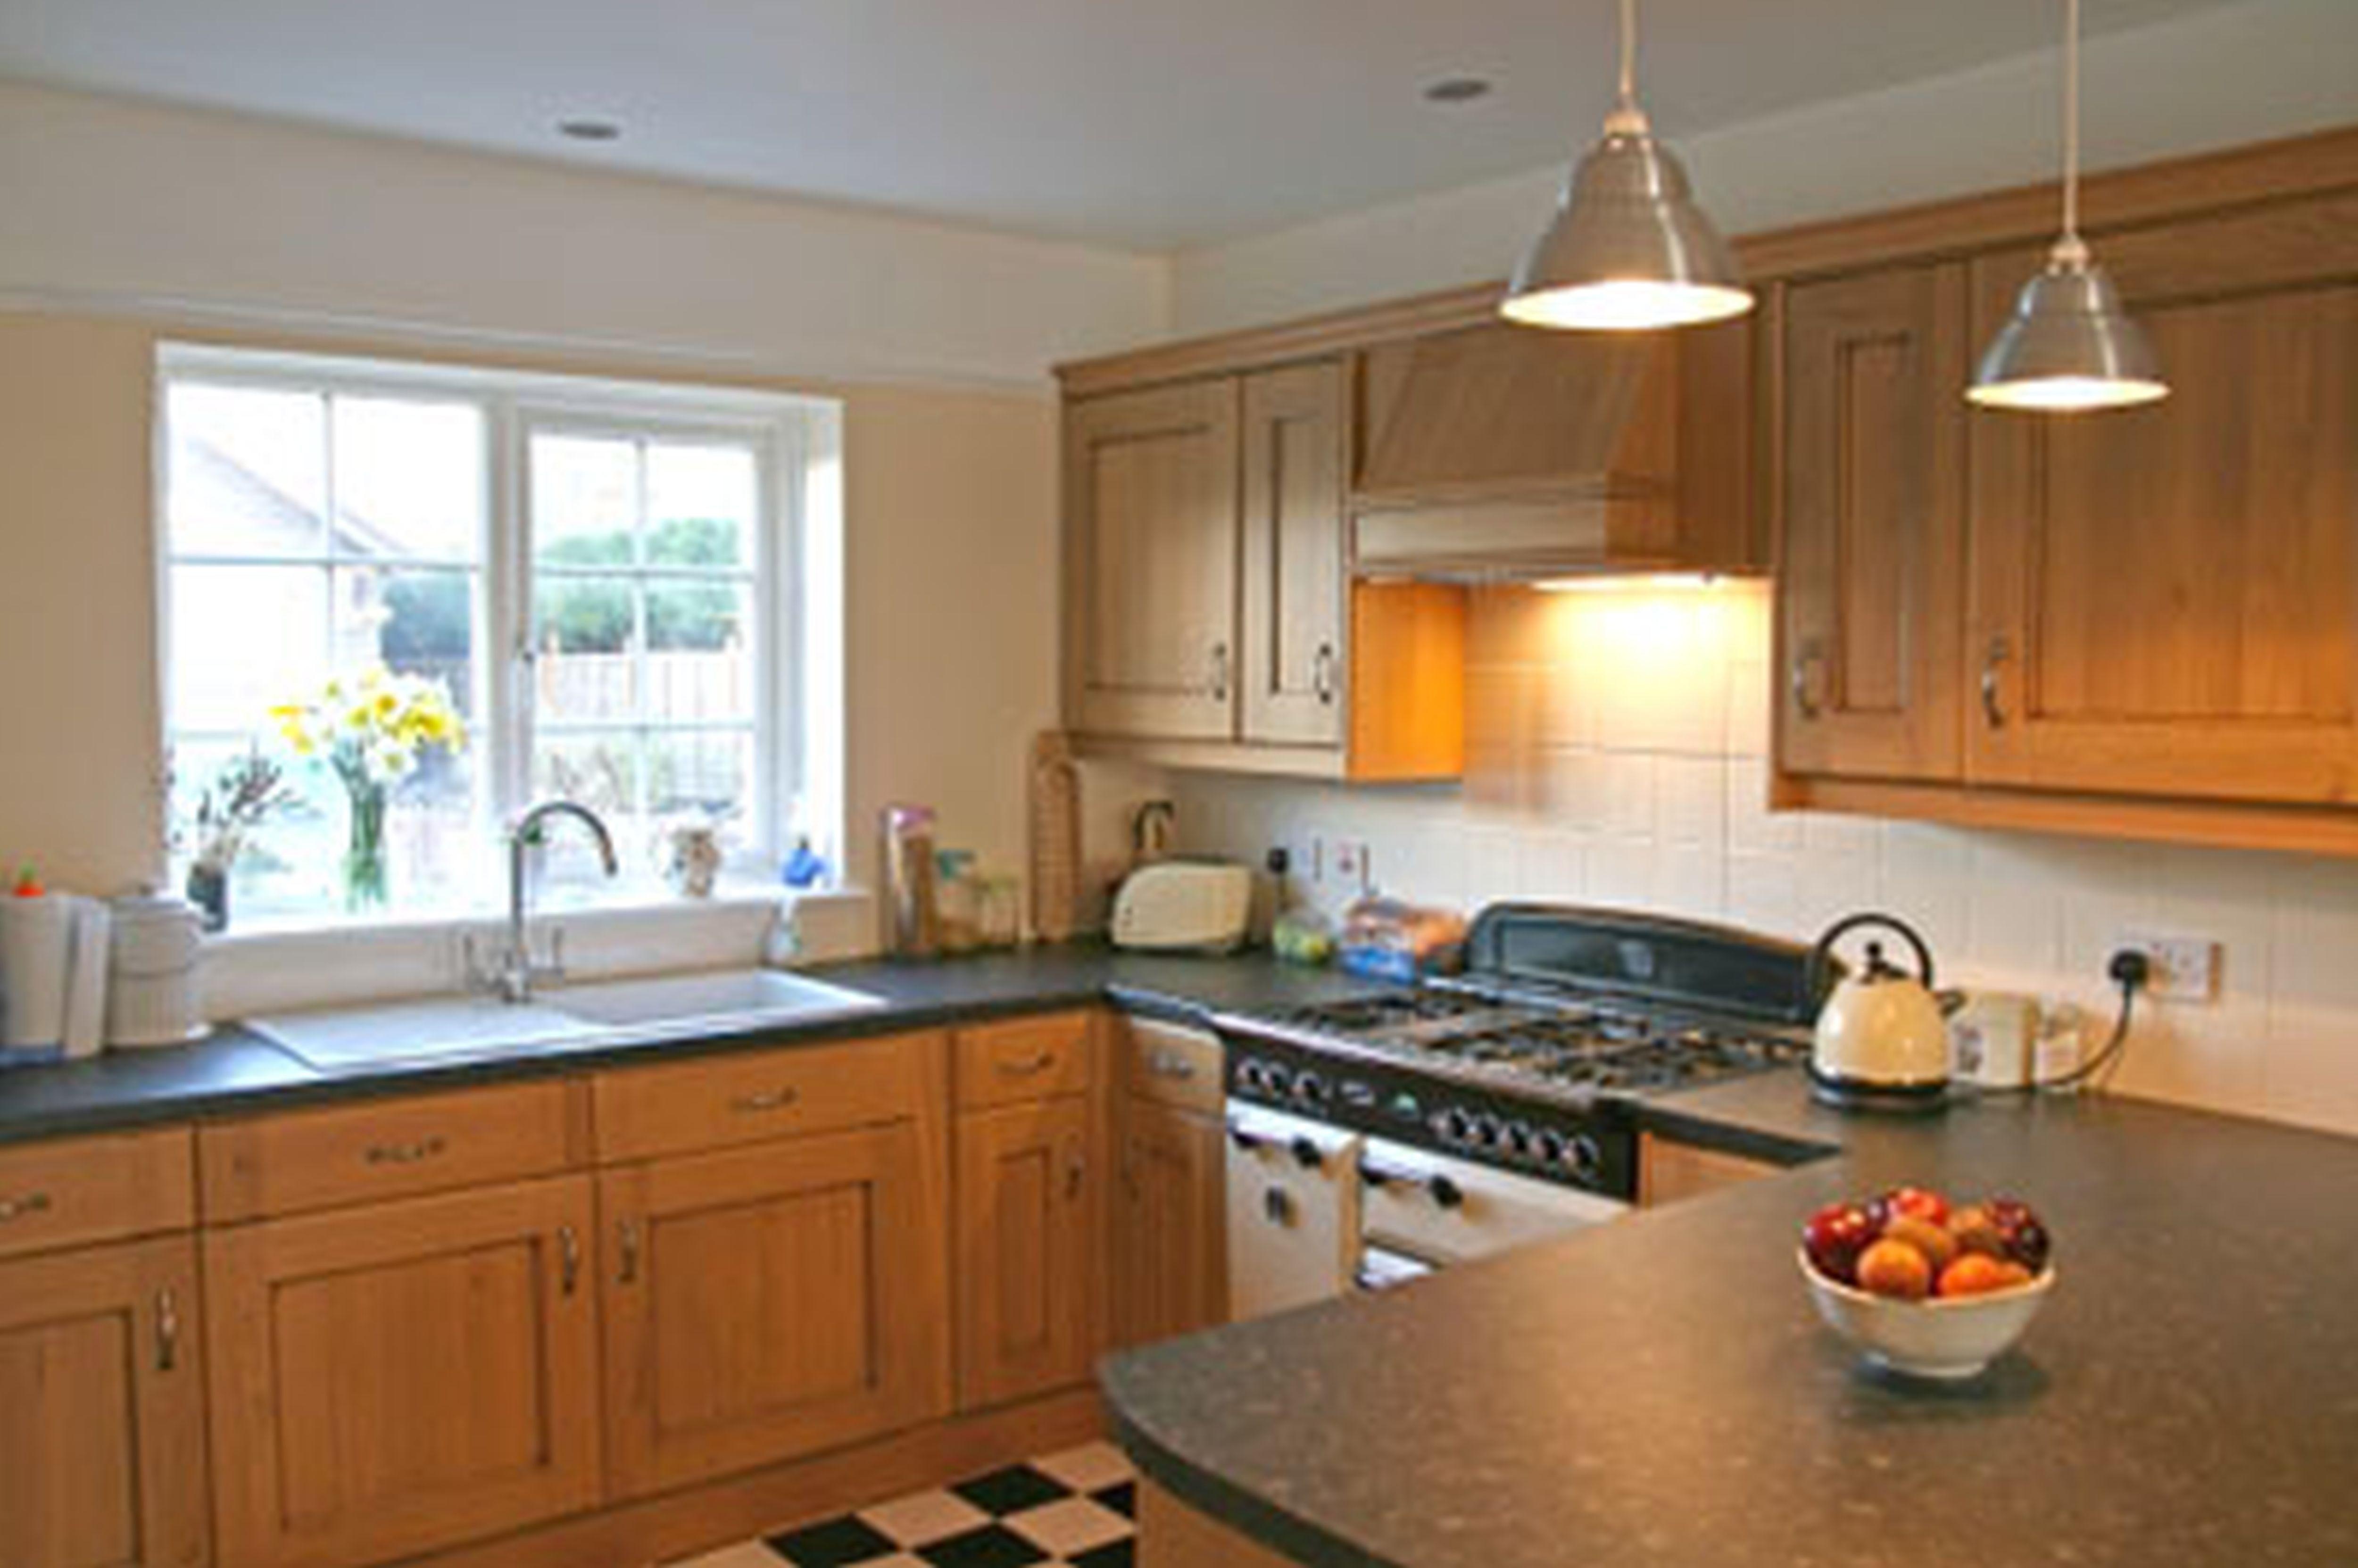 Küchenschrank ideen kleine küchen u förmige küche ideen  mehr auf unserer website  küche  küche